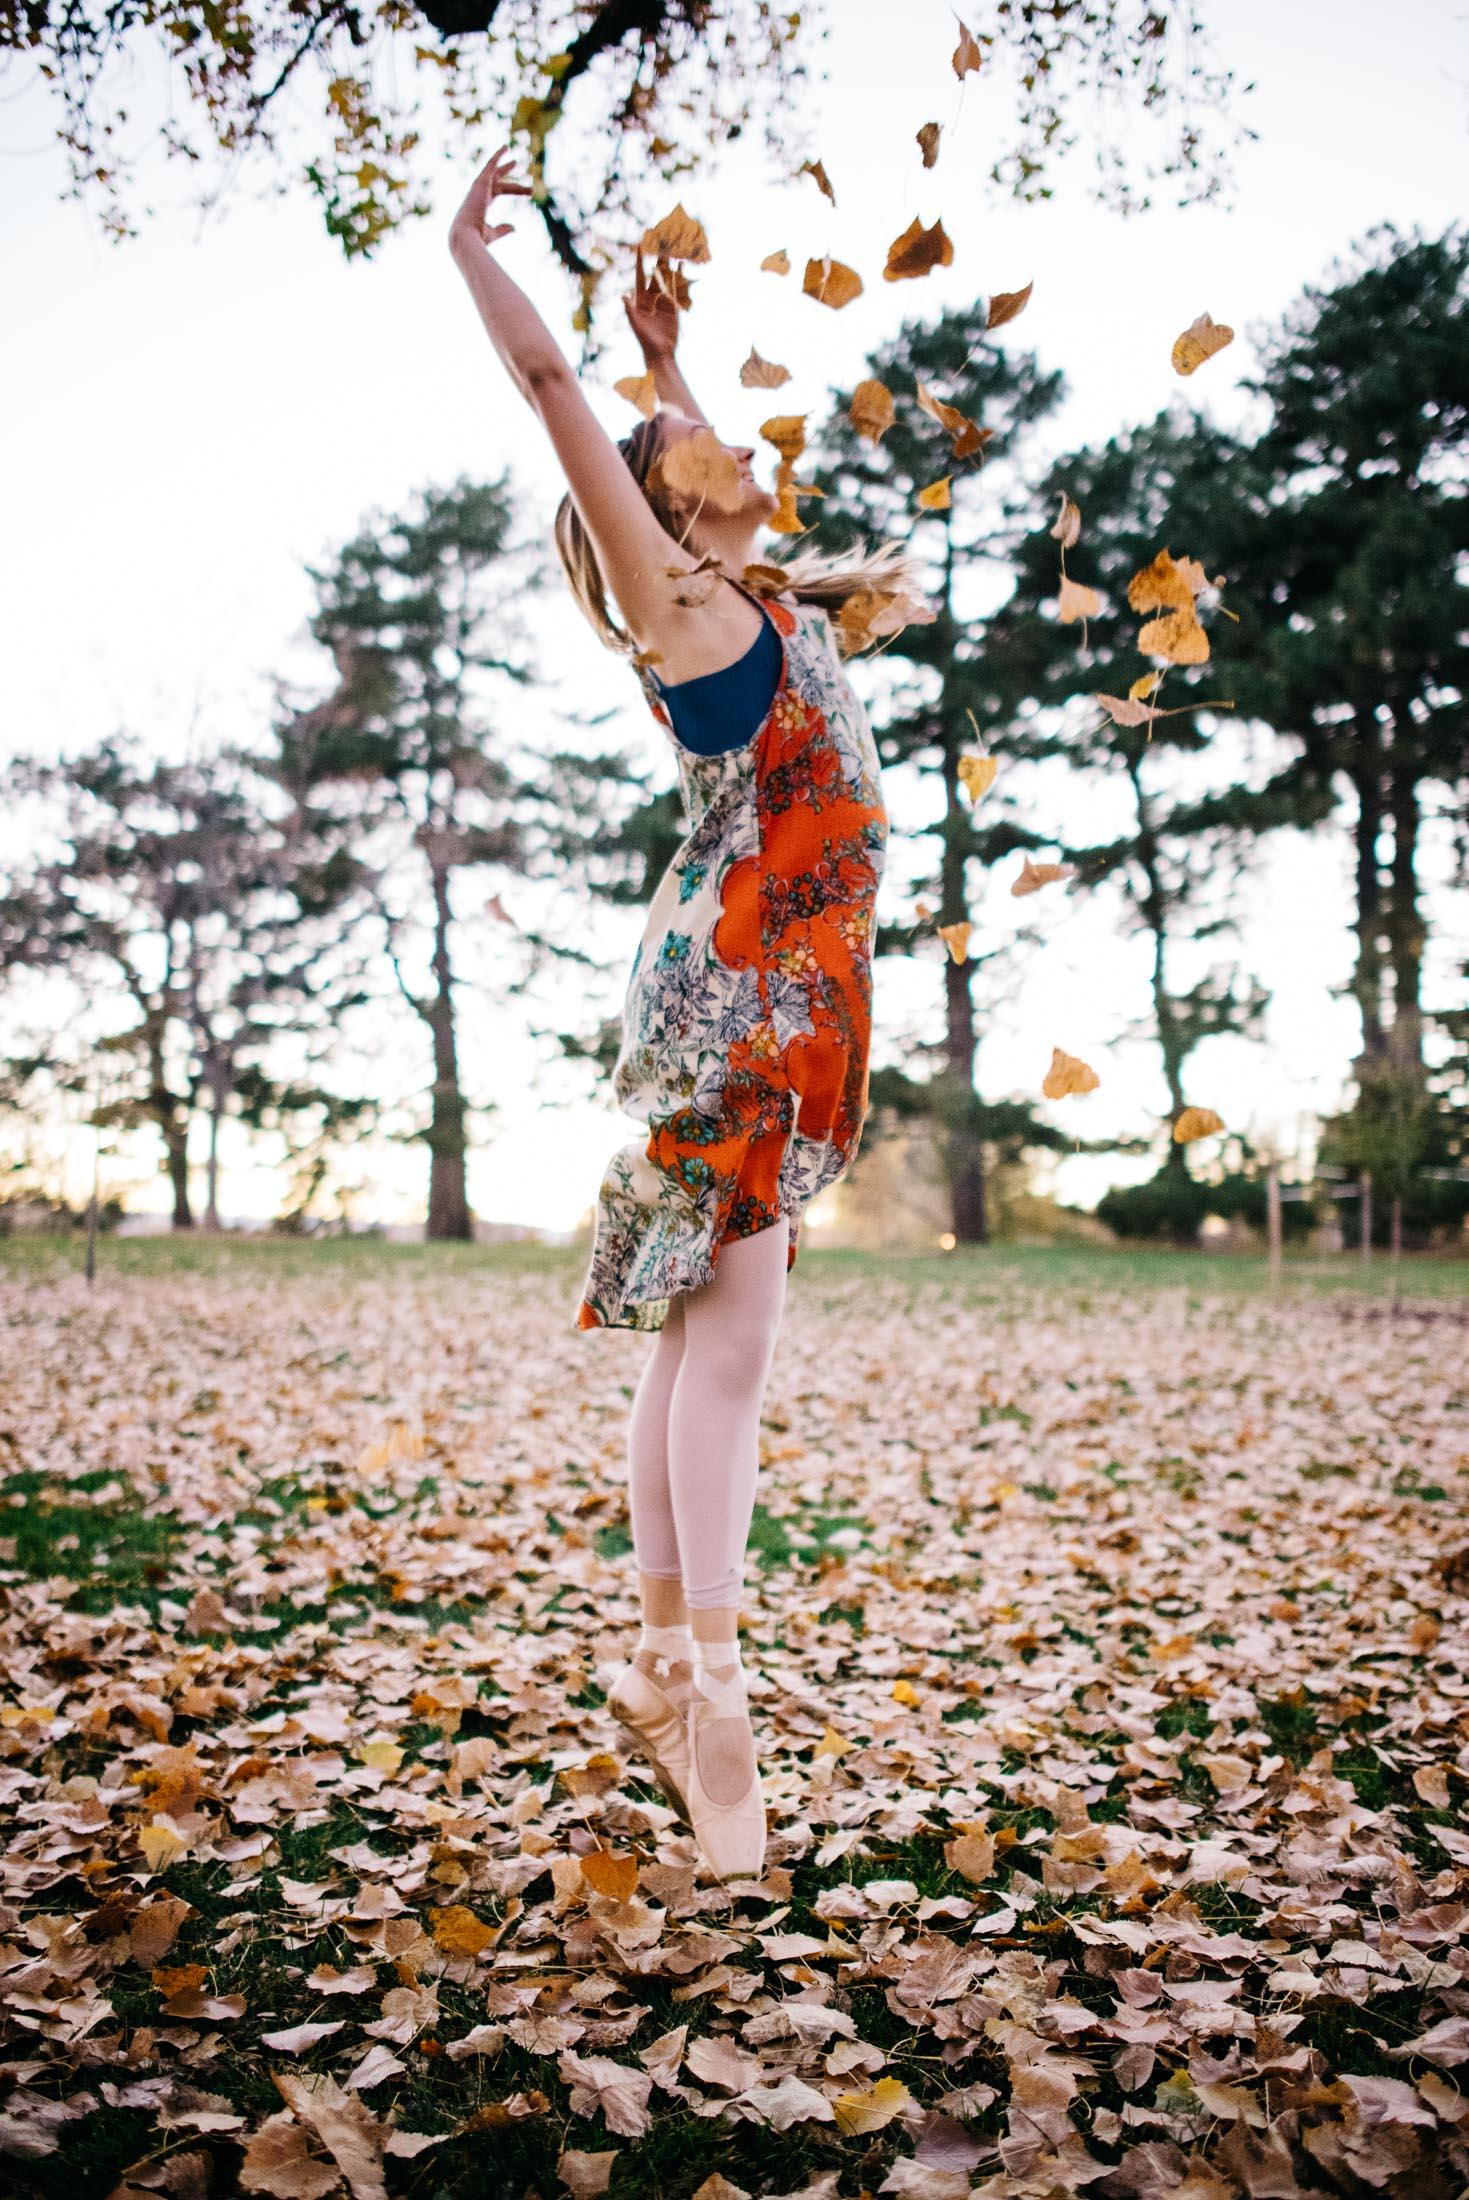 denver-dance-photographer-ballet-photographer-chloe-2017-327.jpg